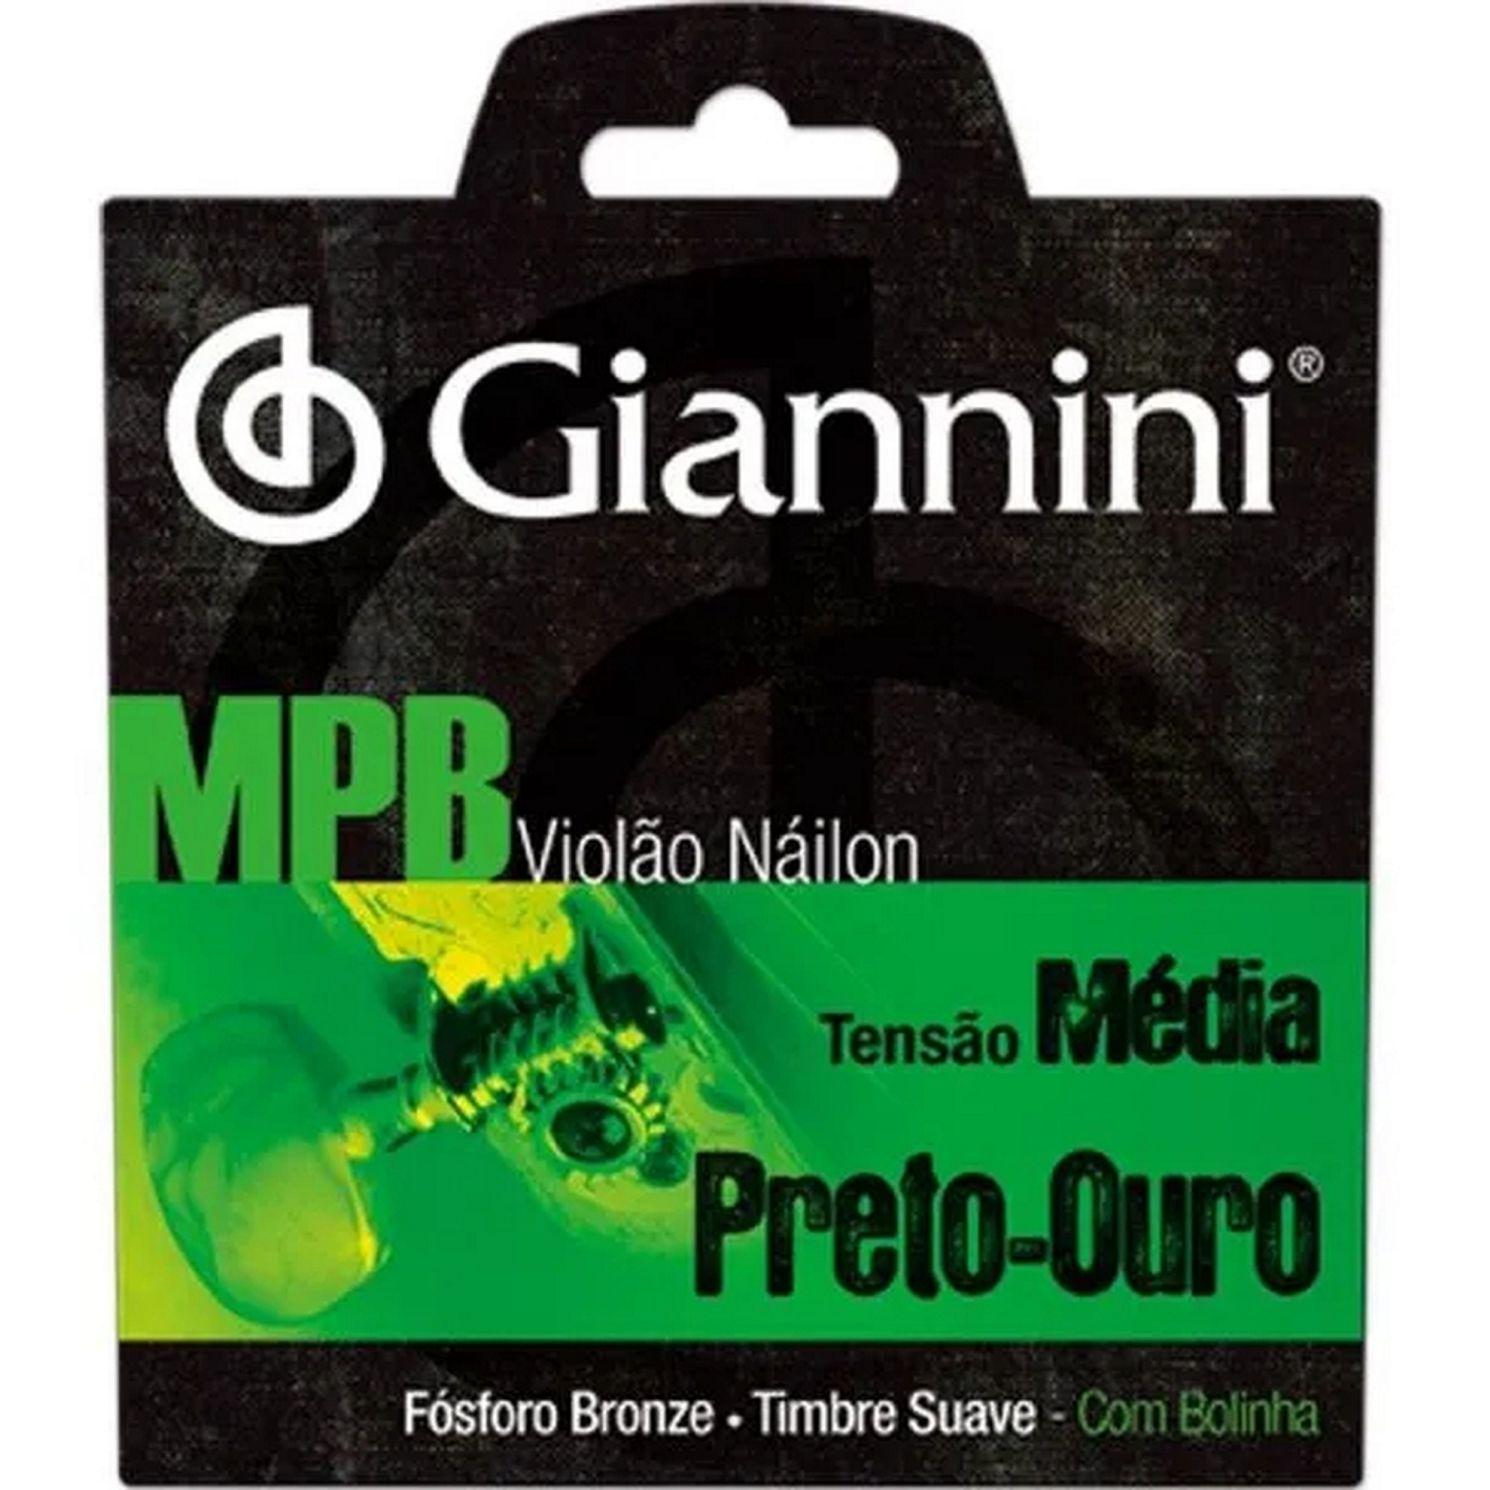 Encordoamento Giannini MPB Fósforo Bronze Violão NYLON Tensão Média Preto Ouro GENWBG